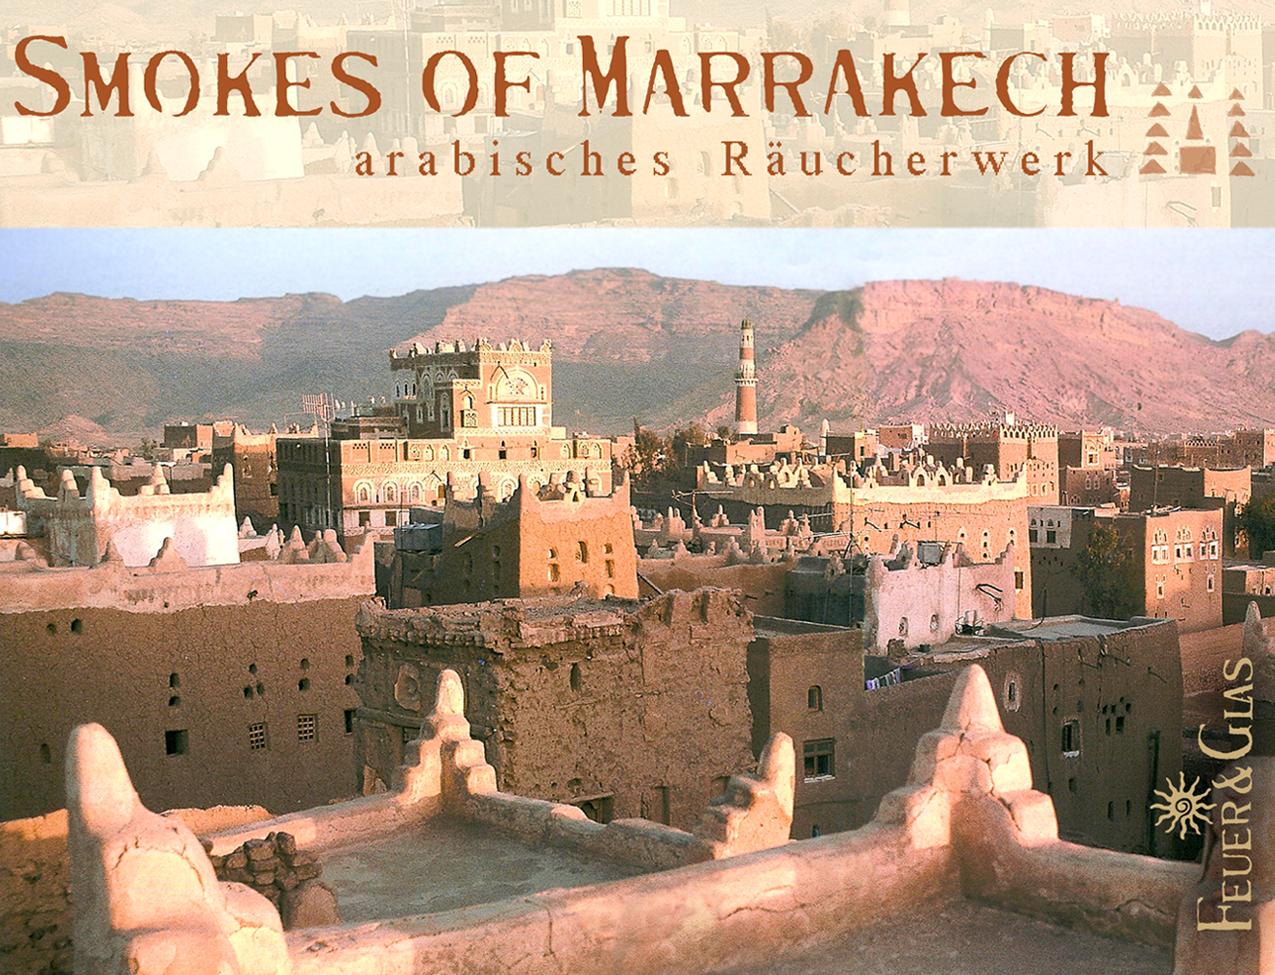 Smokes of Marrakech